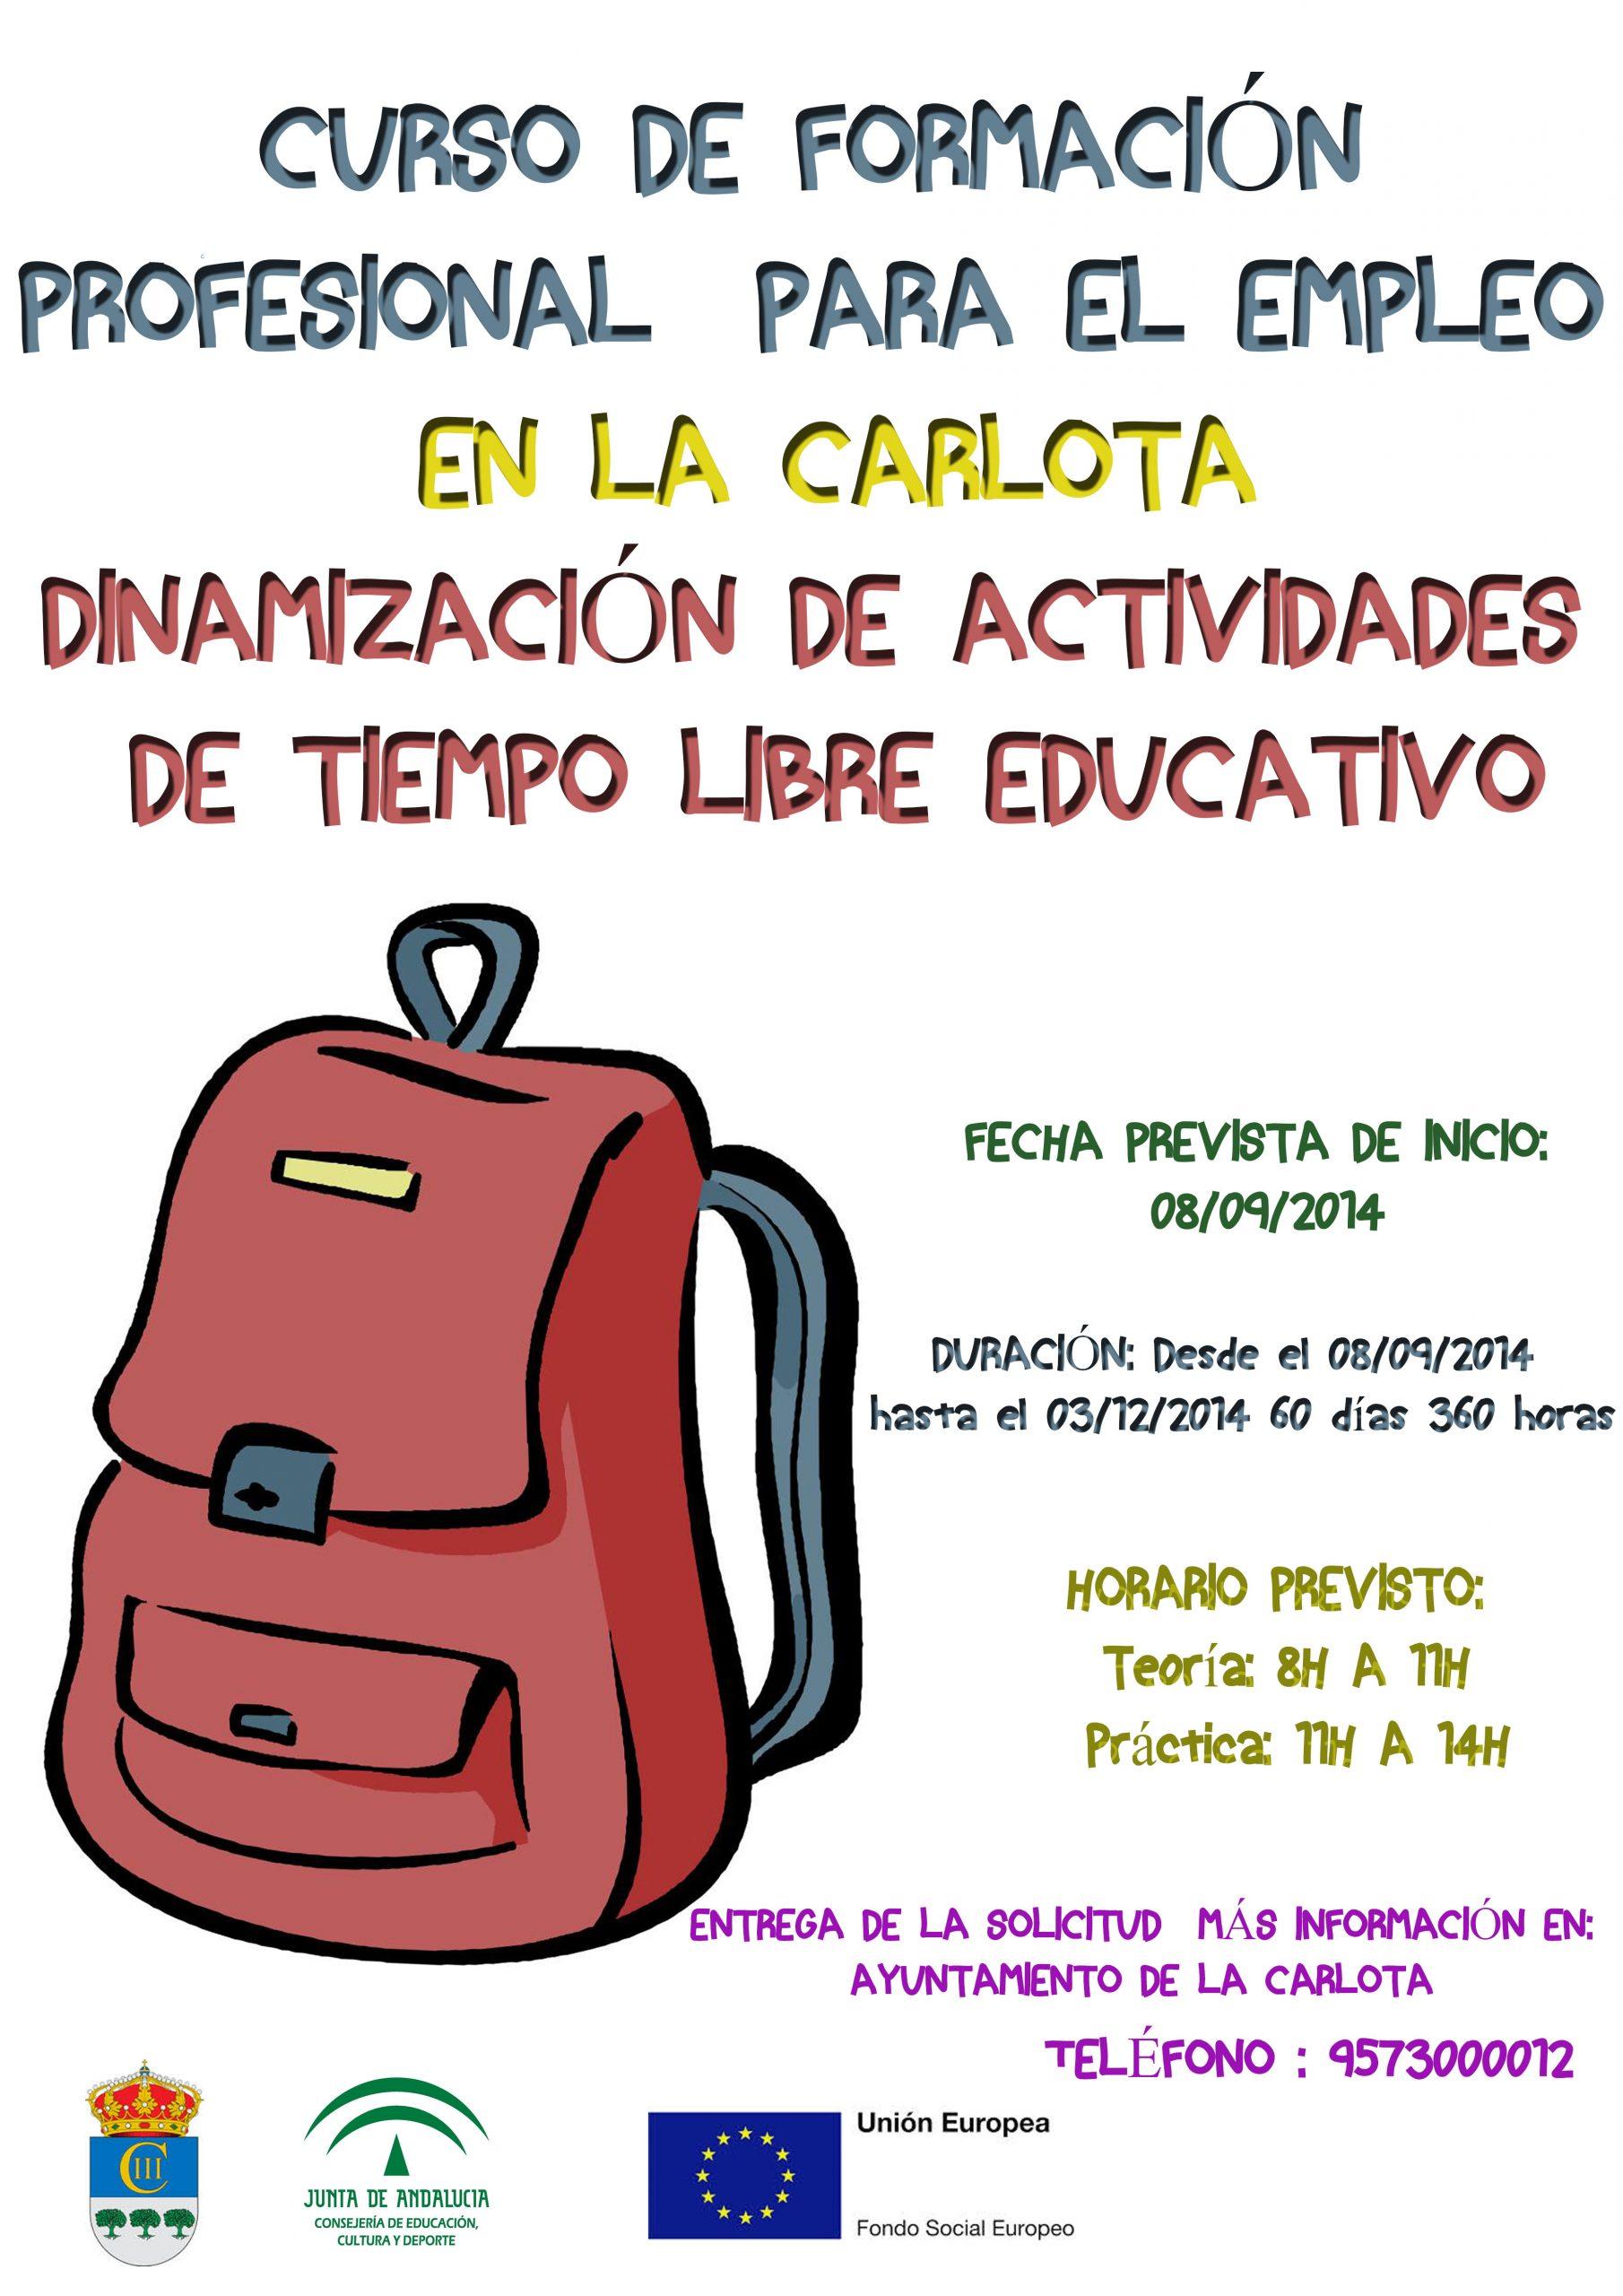 Curso de FPE en La Carlota 'Dinamización de actividades de tiempo libre educativo' 1